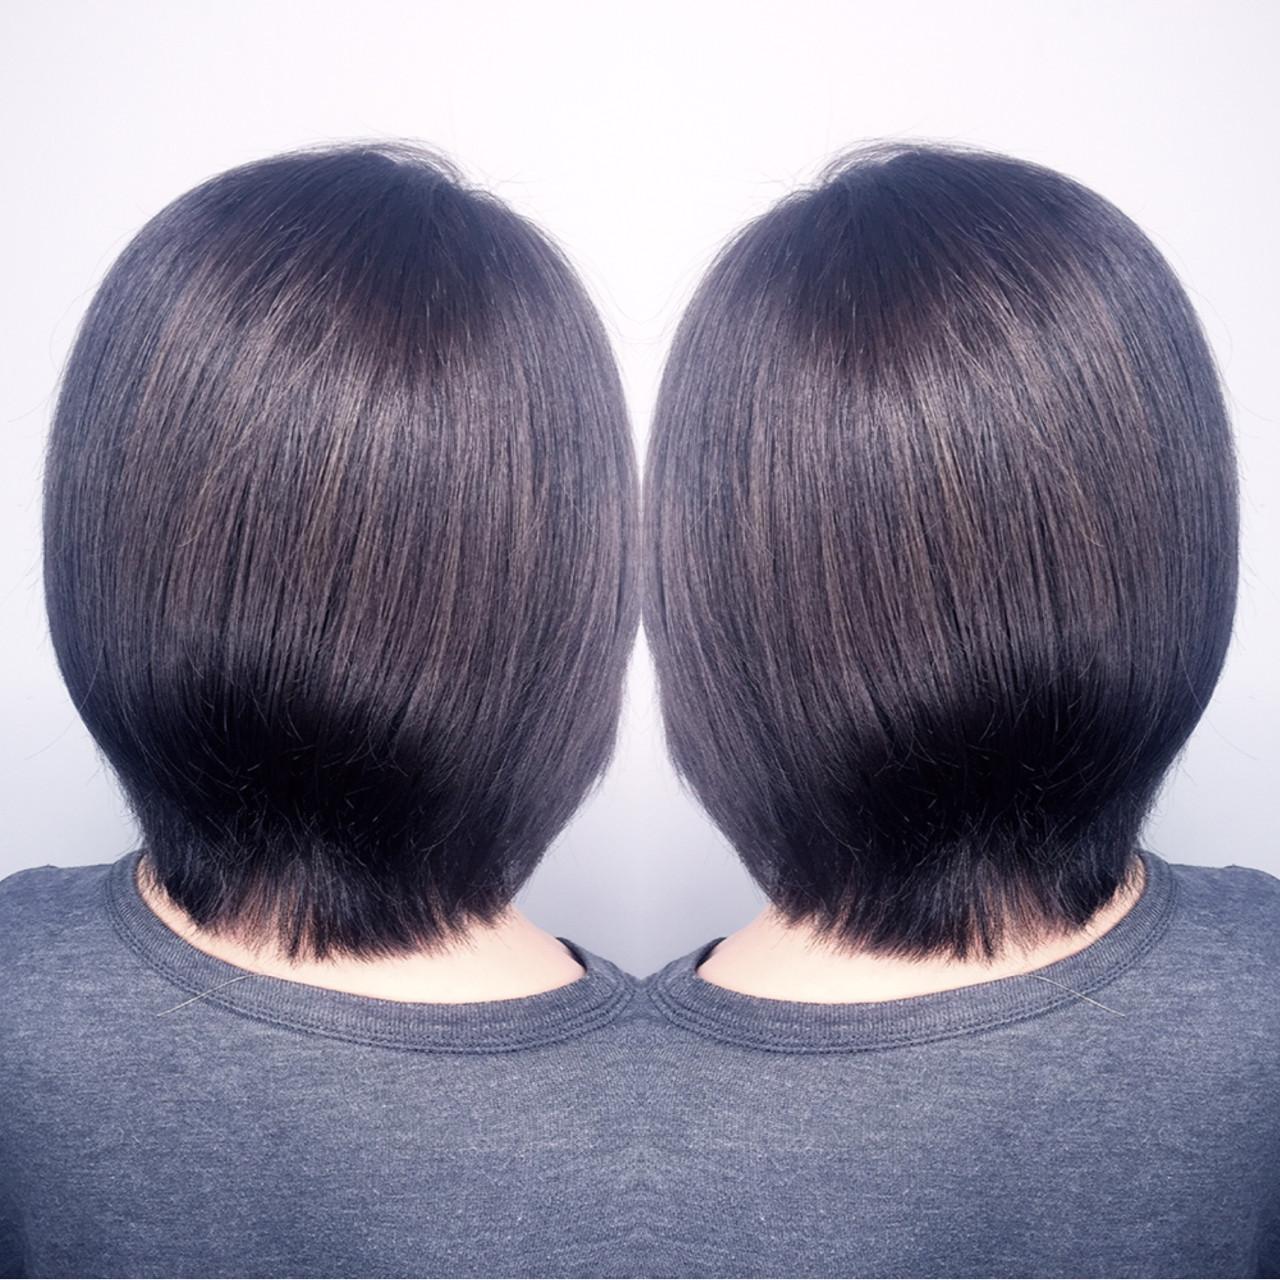 ショート 暗髪 ブルージュ アッシュ ヘアスタイルや髪型の写真・画像 | 筒井 隆由 / Hair salon mode